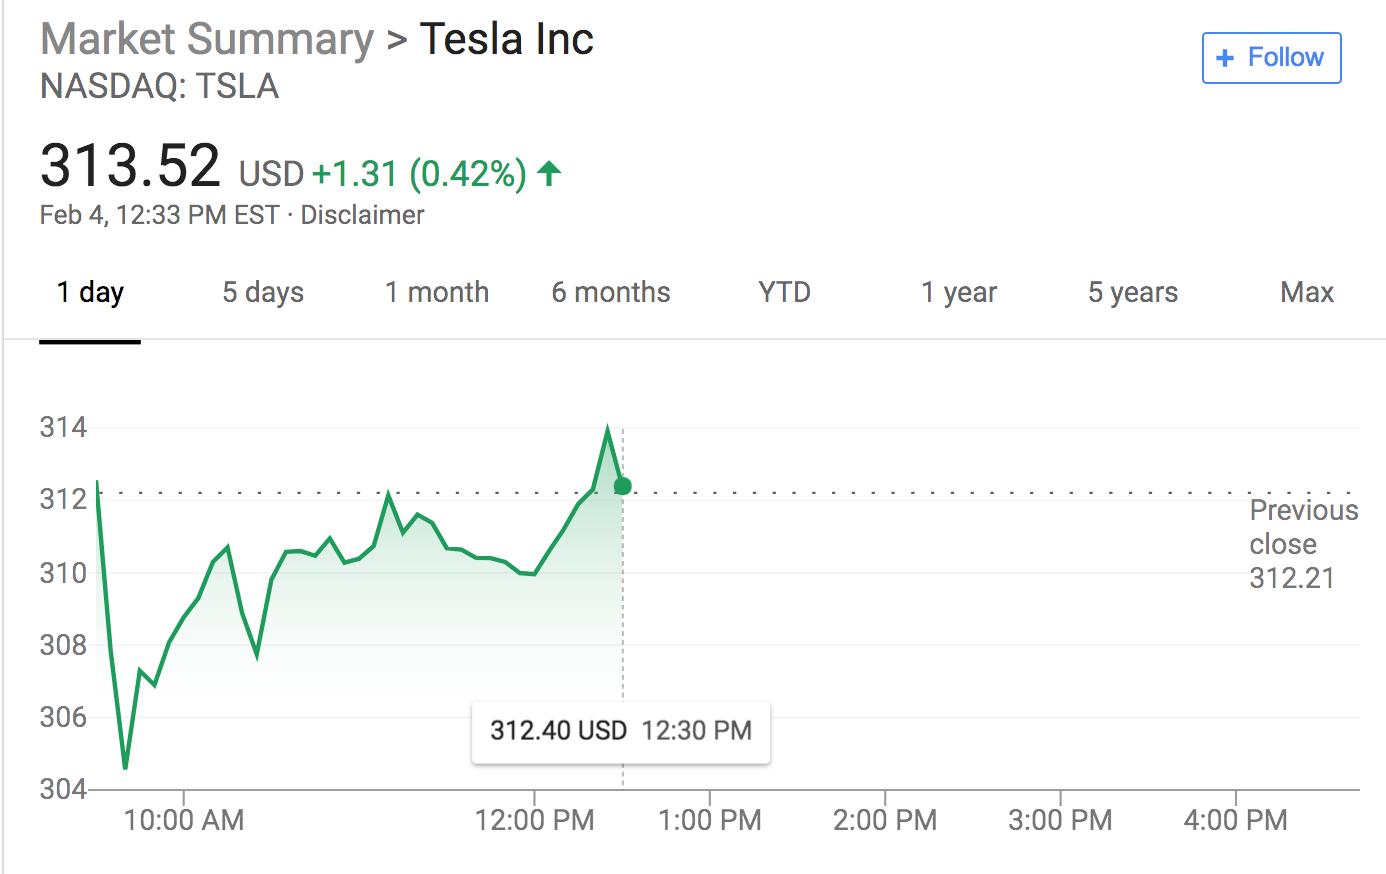 特斯拉将以换股方式收购能源公司Maxwell 每股溢价55%